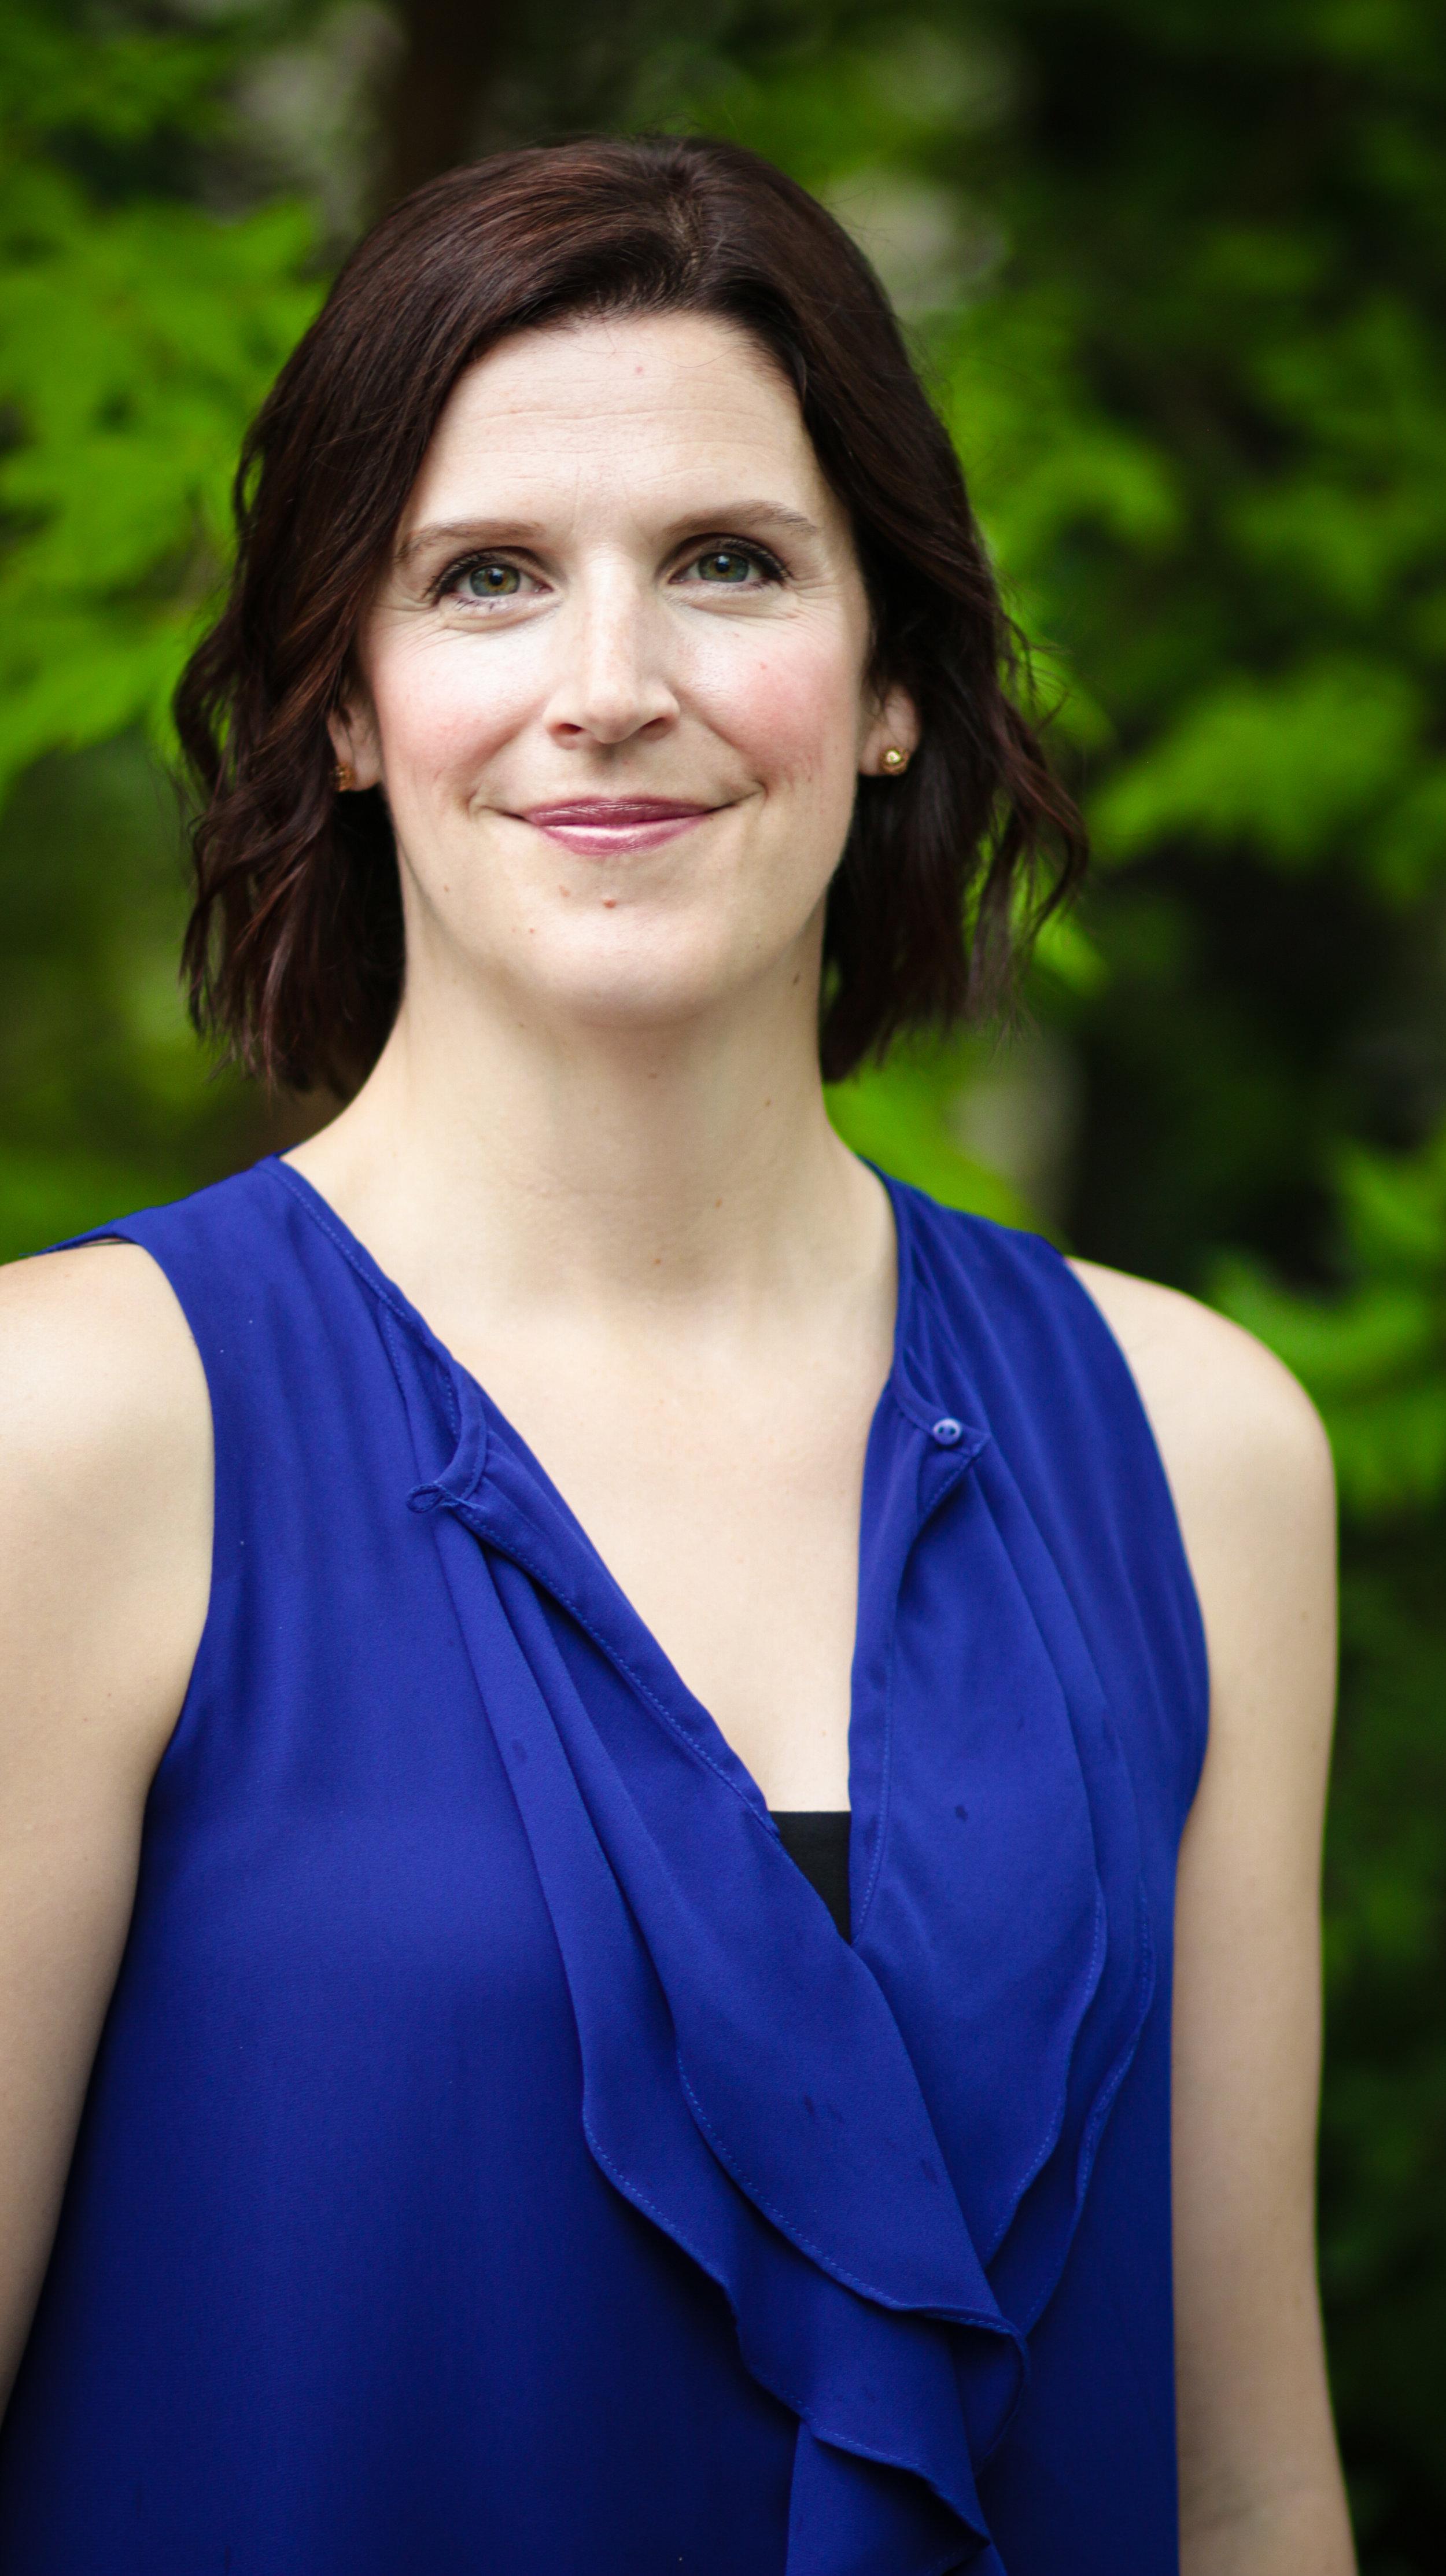 Dr. Kristen Haase